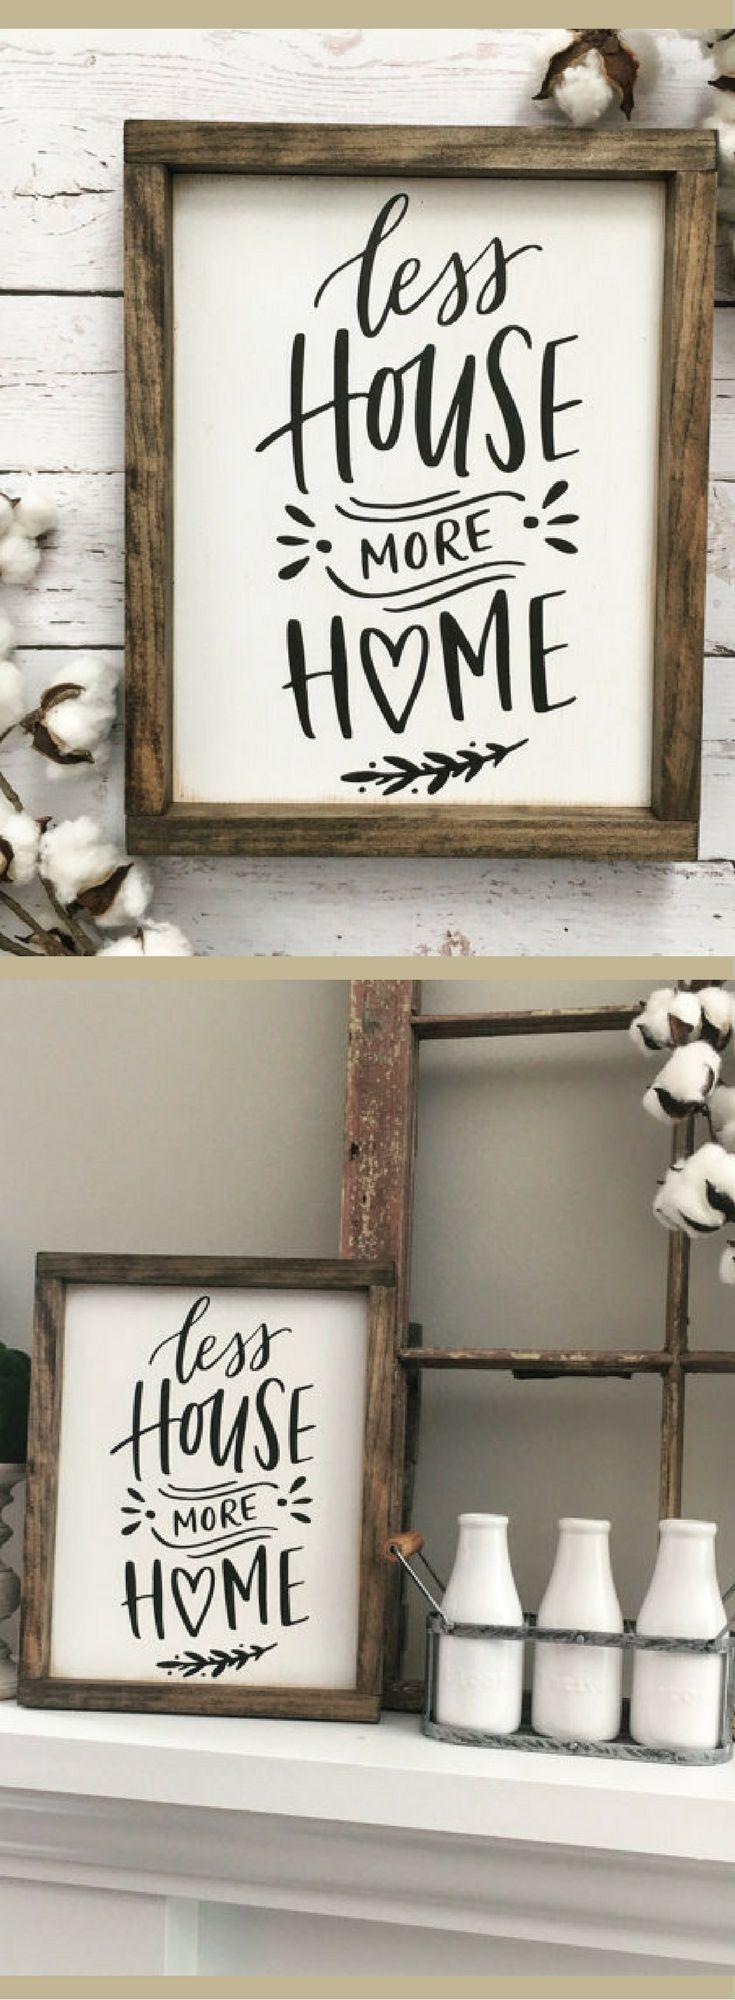 25 einzigartige alte holzschilder ideen auf pinterest zaun zeichen schilder aus palettenholz. Black Bedroom Furniture Sets. Home Design Ideas